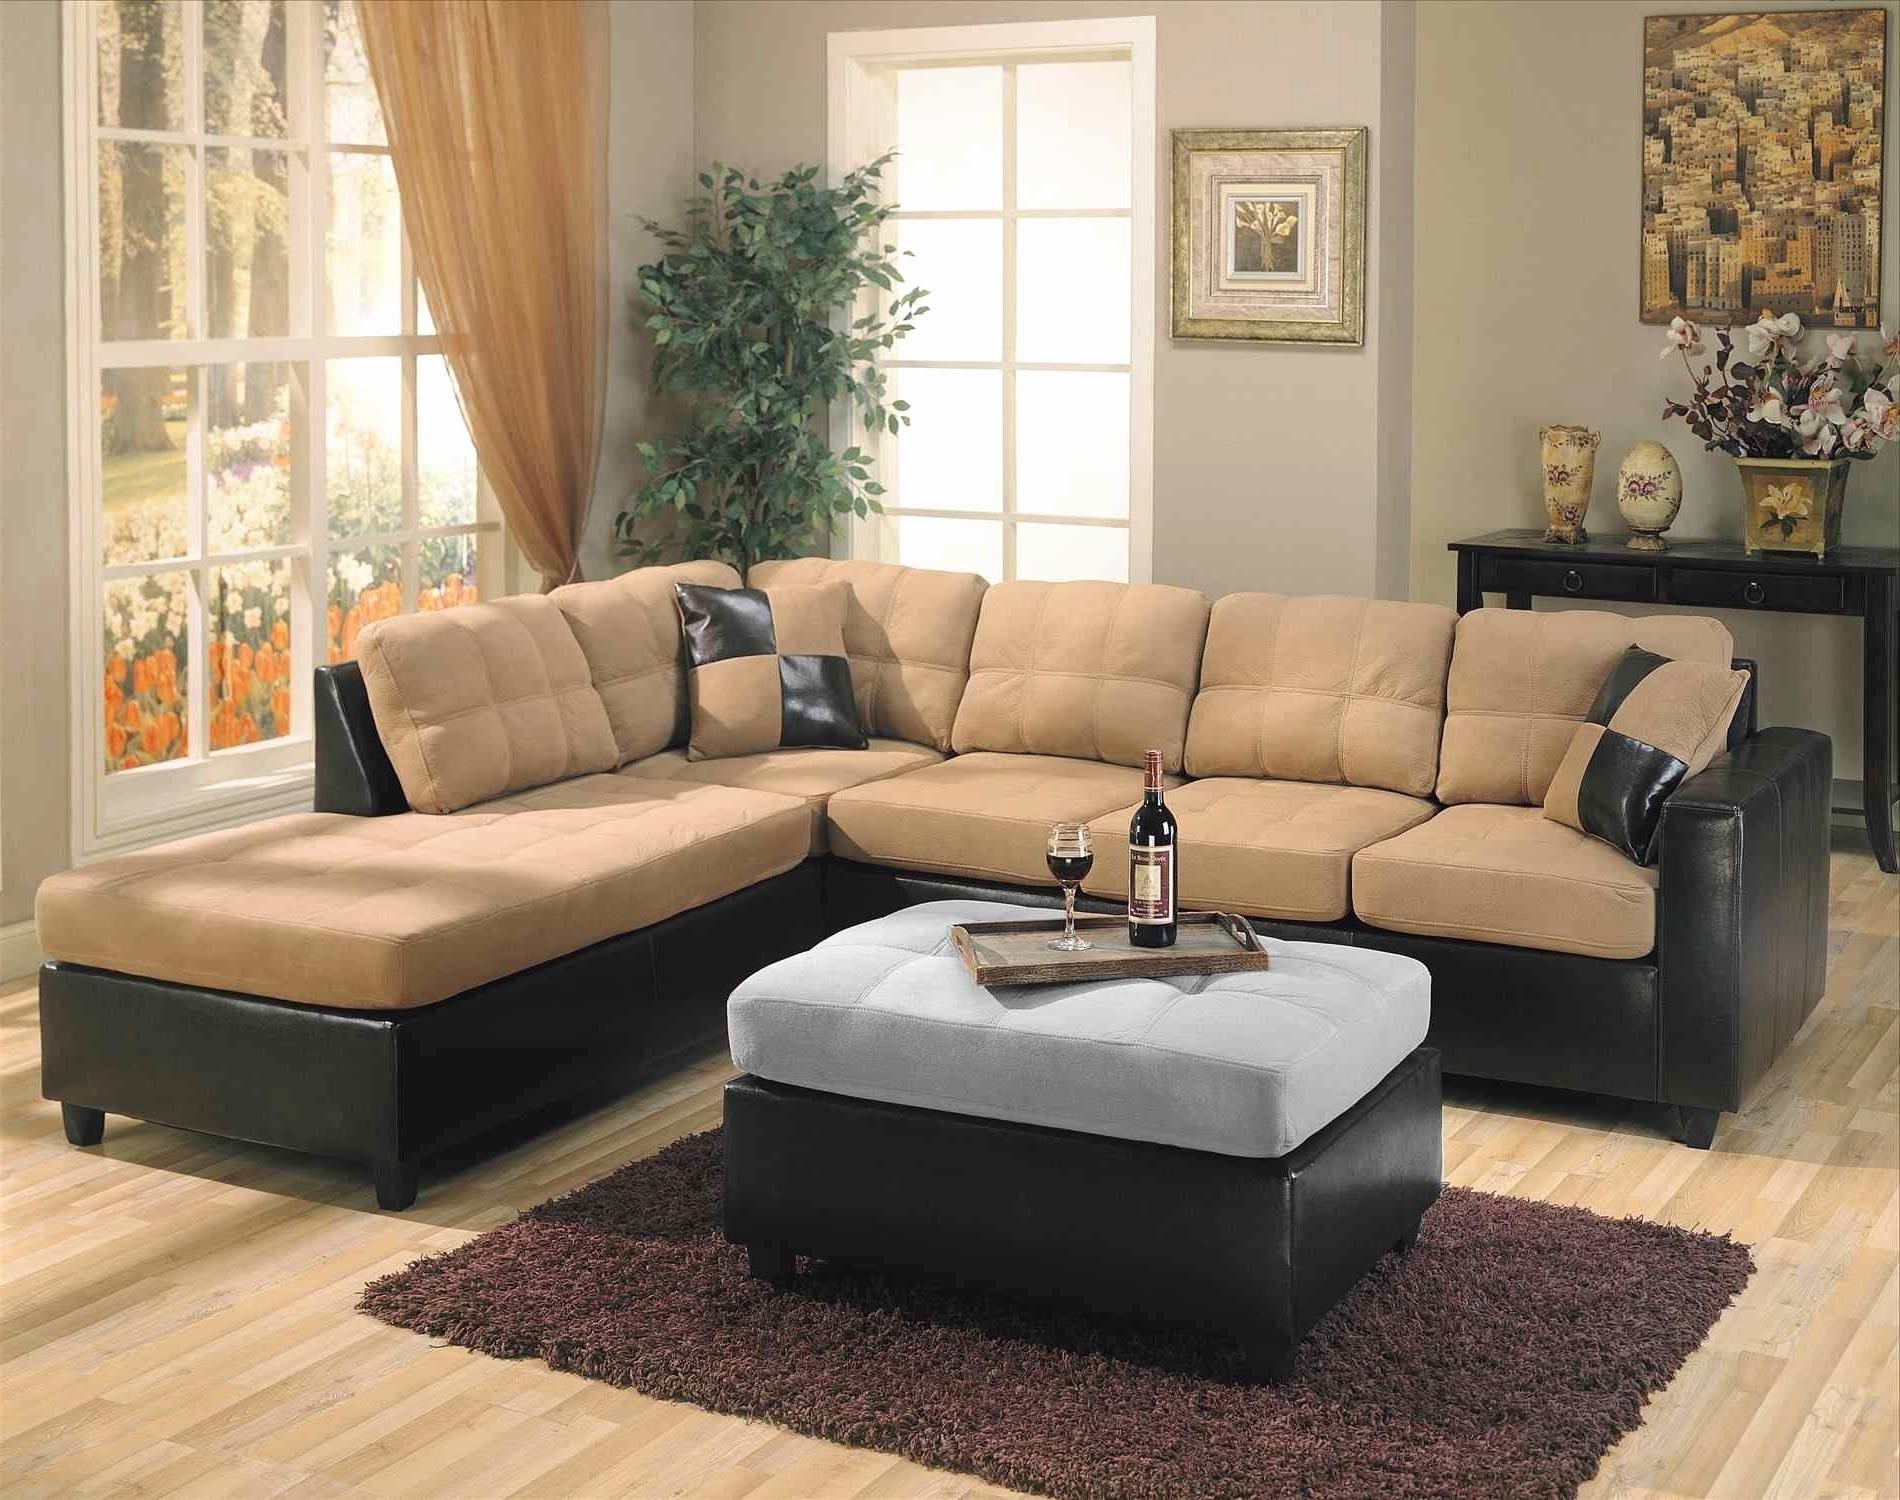 Minneapolis Sectional Sofas Pertaining To Recent Sectional Sofa Minneapolis (View 7 of 15)